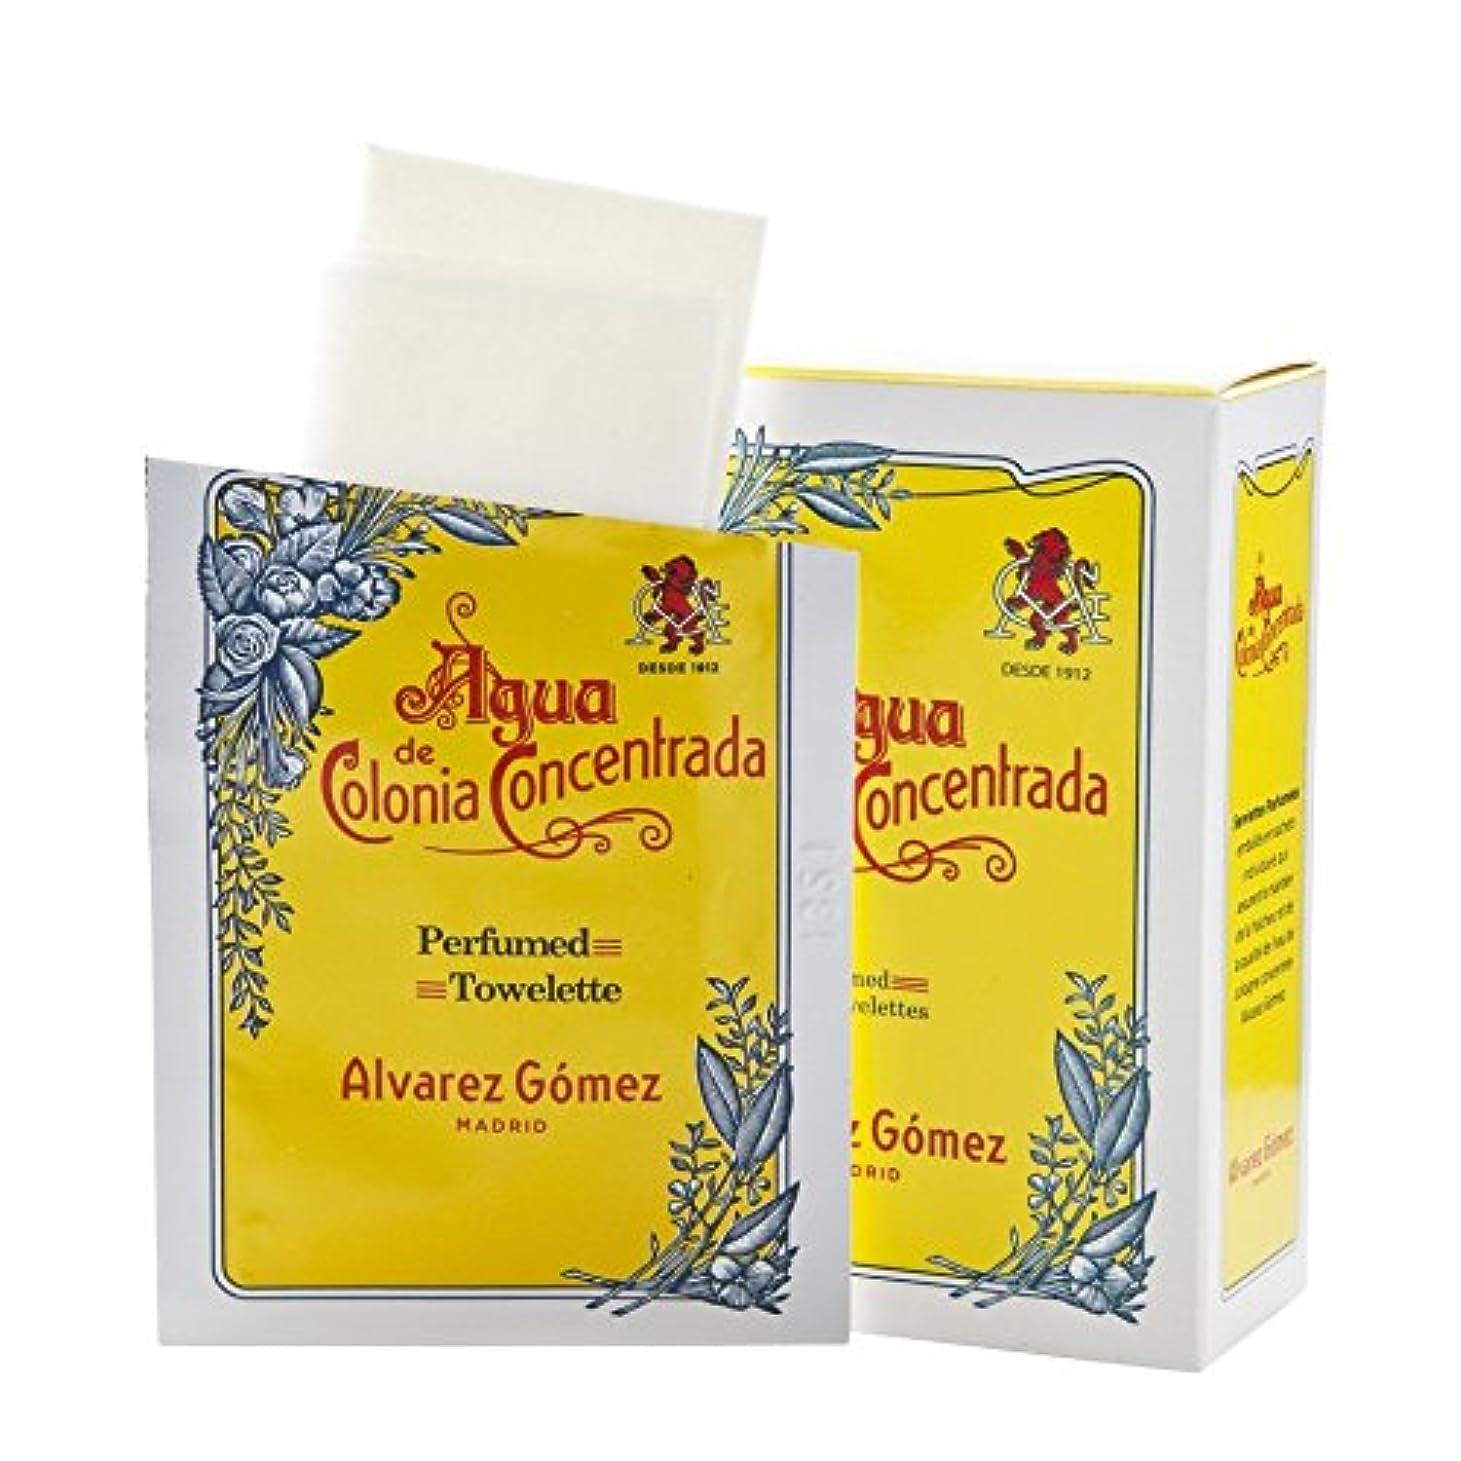 思いやりのあるレタスできる?lvarez G?mez Agua de Colonia Concentrada Refreshing Wipes - アルバレス?ゴメスアグア?デ?コロニアさわやかなワイプ [並行輸入品]